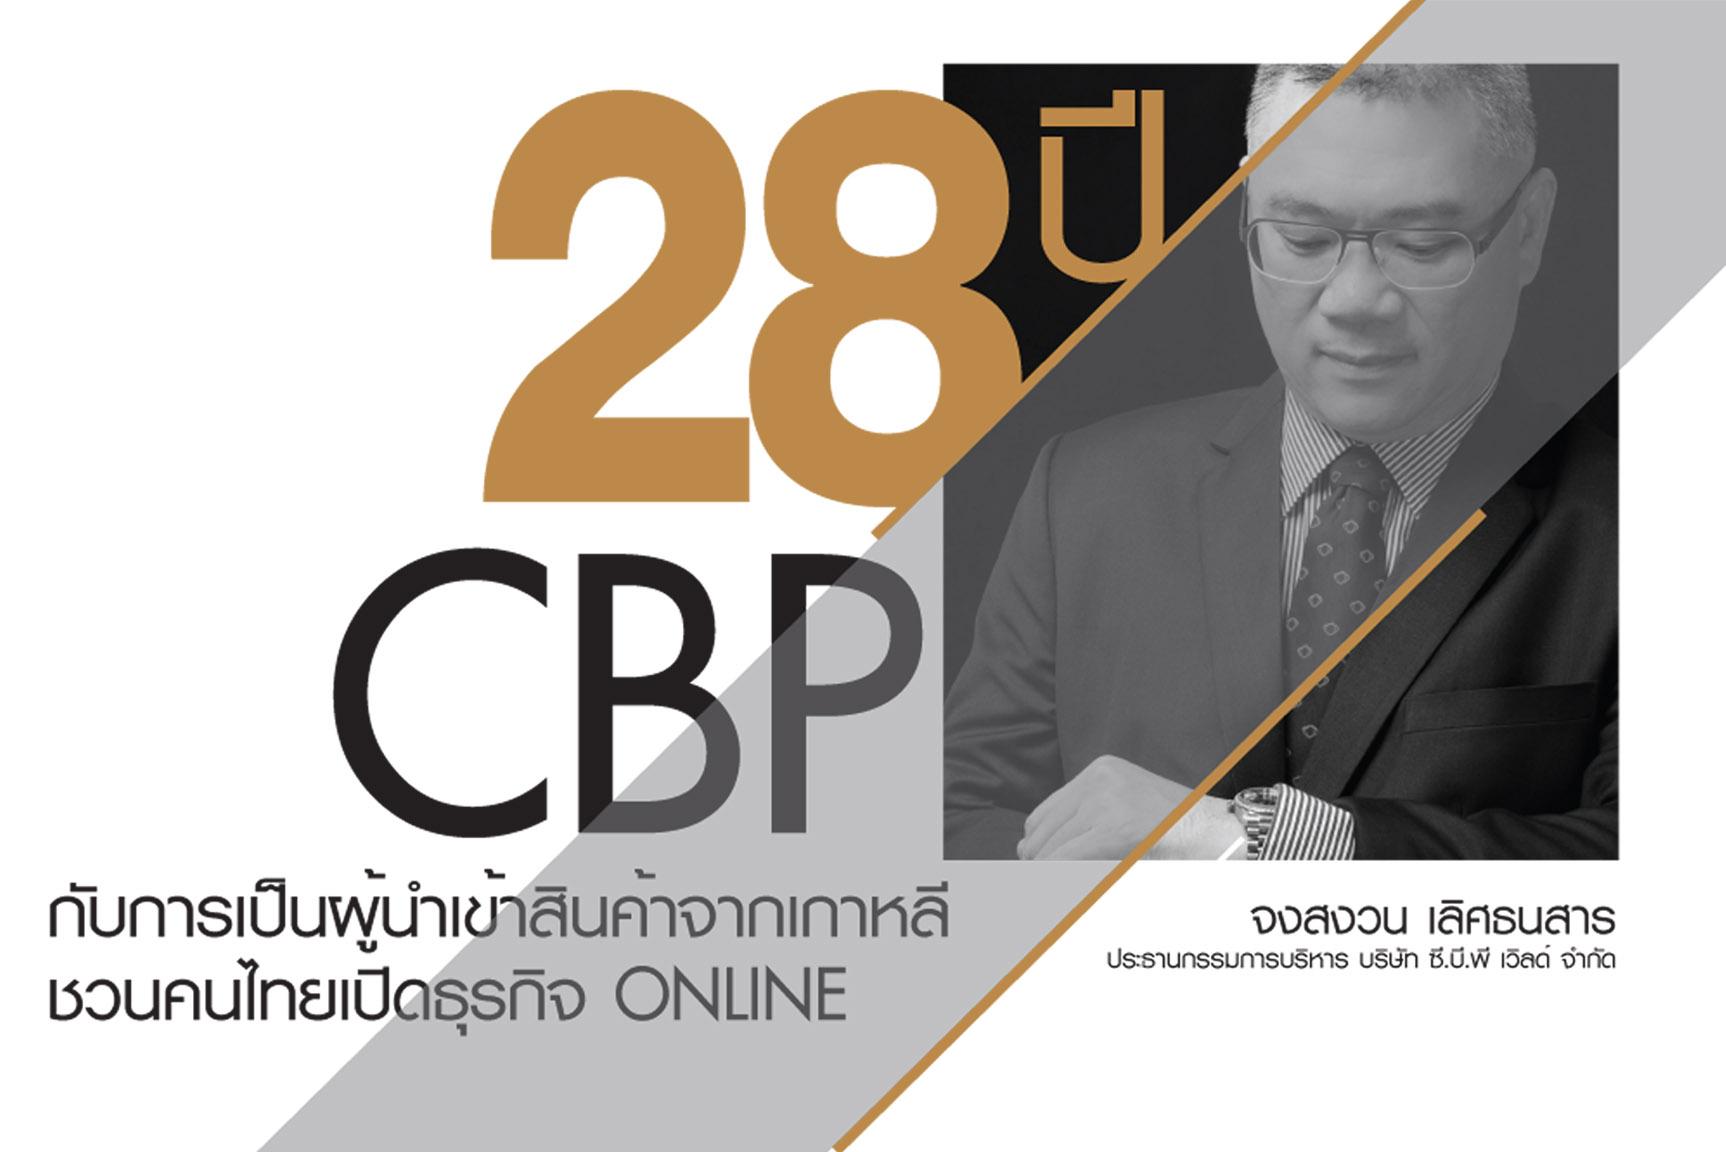 http://www.cbpworld.com/member_file/1/news/0302.jpg